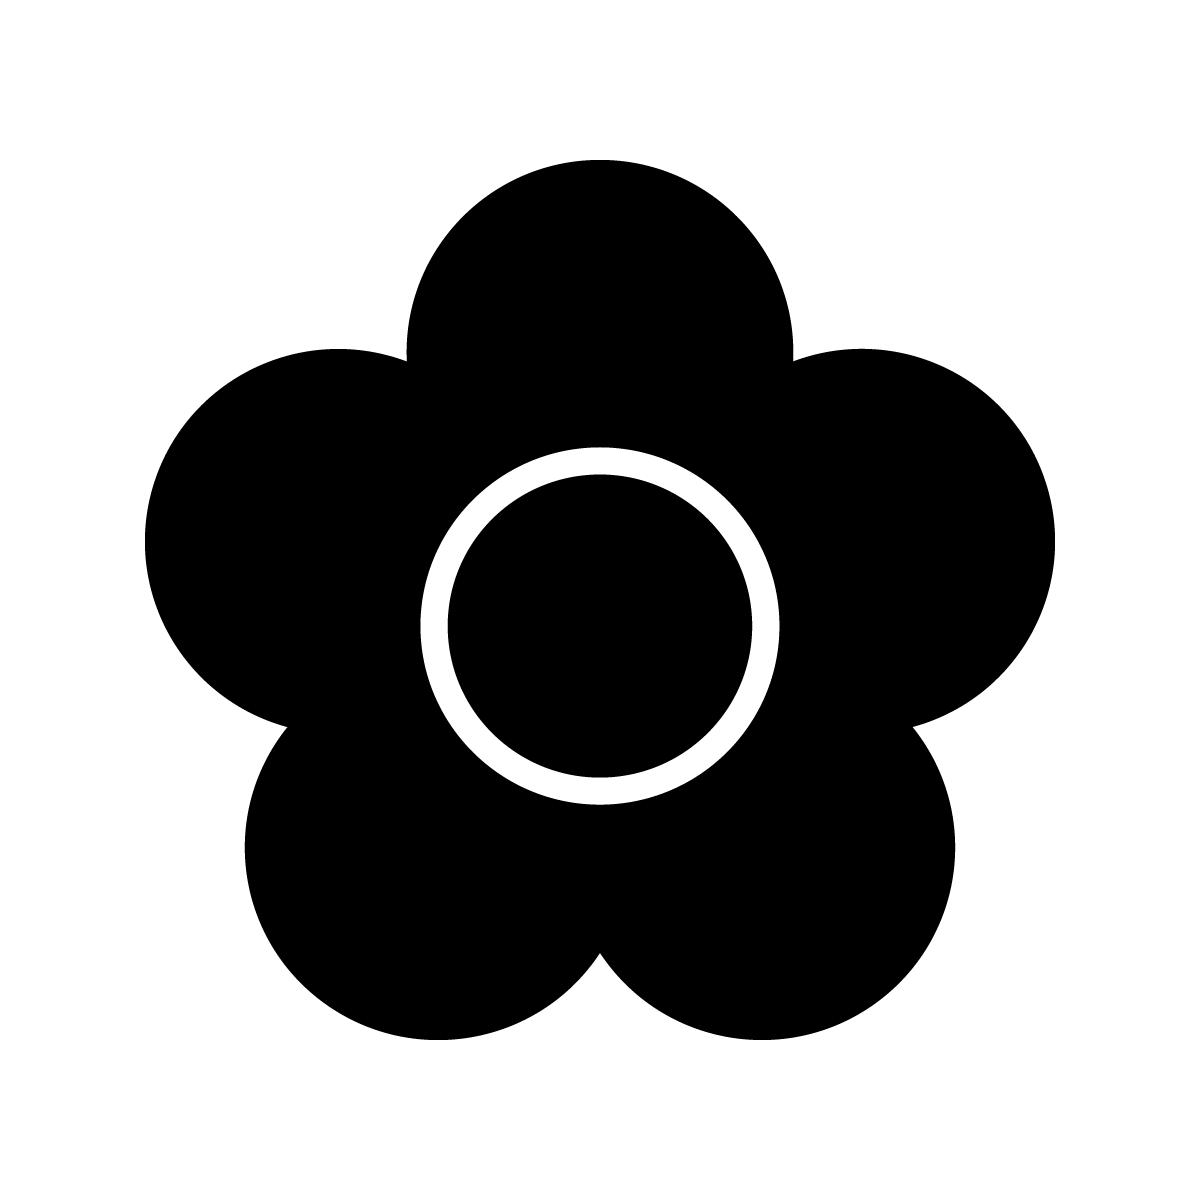 マリクワロゴ